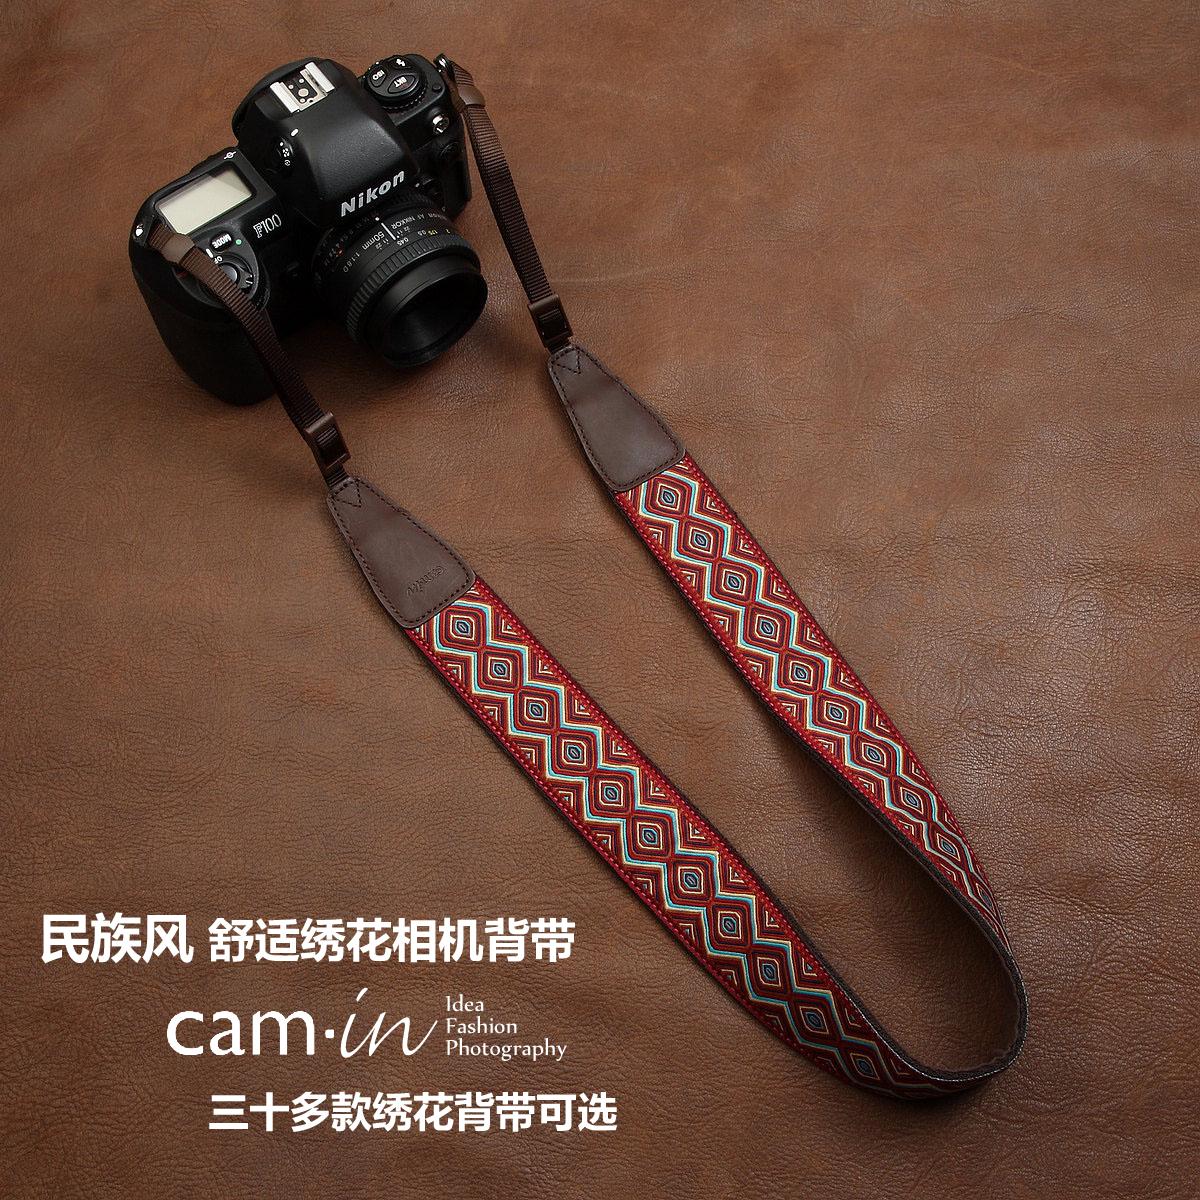 cam-in 绣花民族风相机背带 微单数码复古肩带单反减压摄影相机带